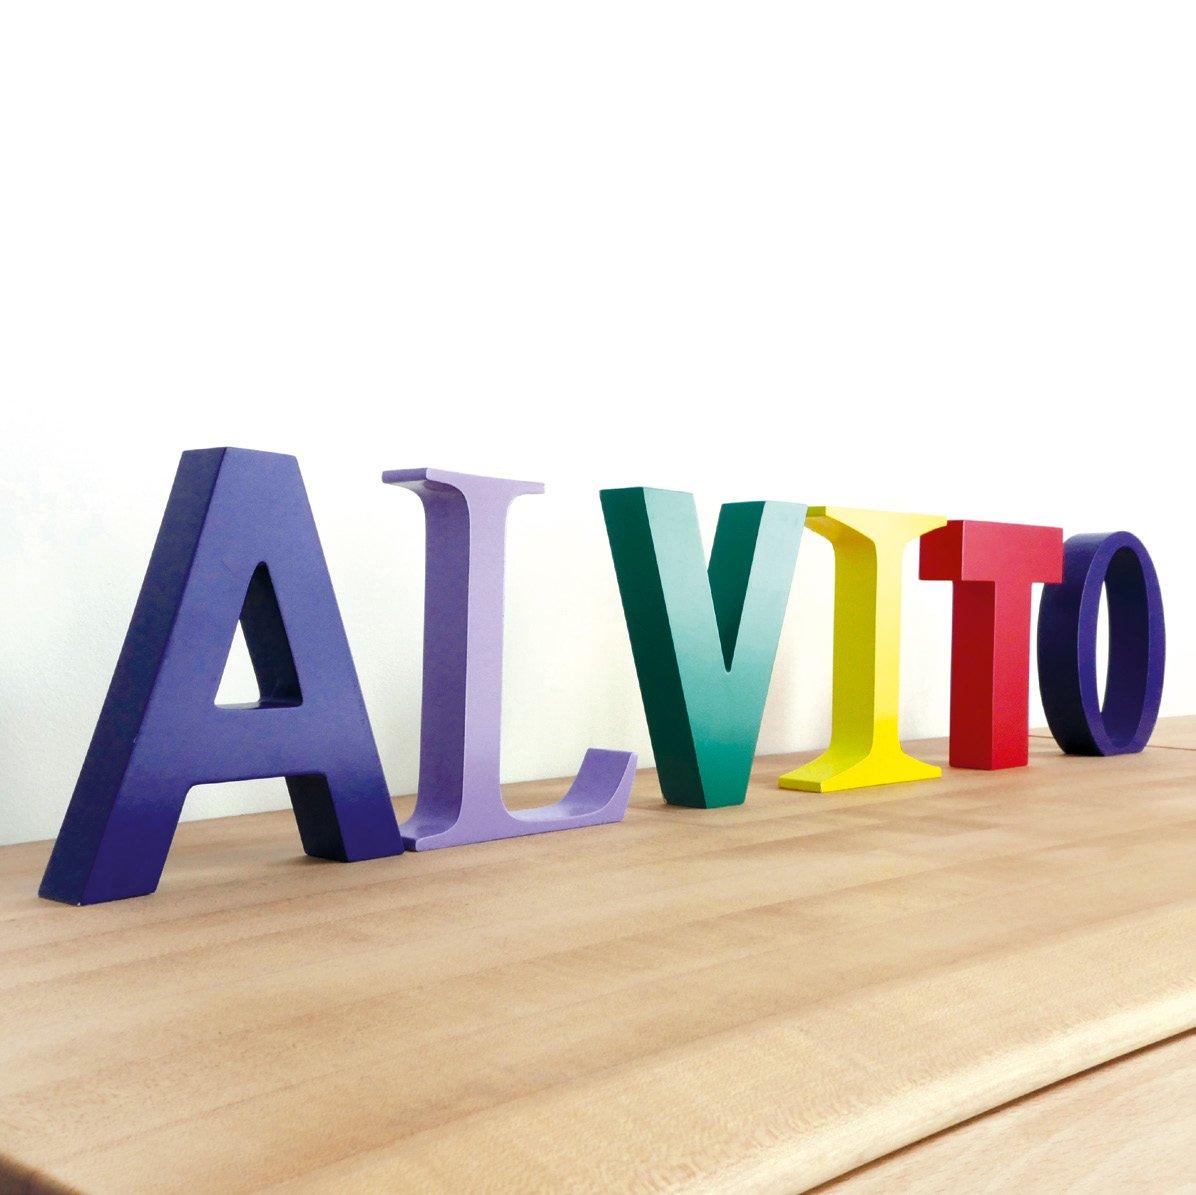 Die Alvito Philosophie in 1008 Zeichen